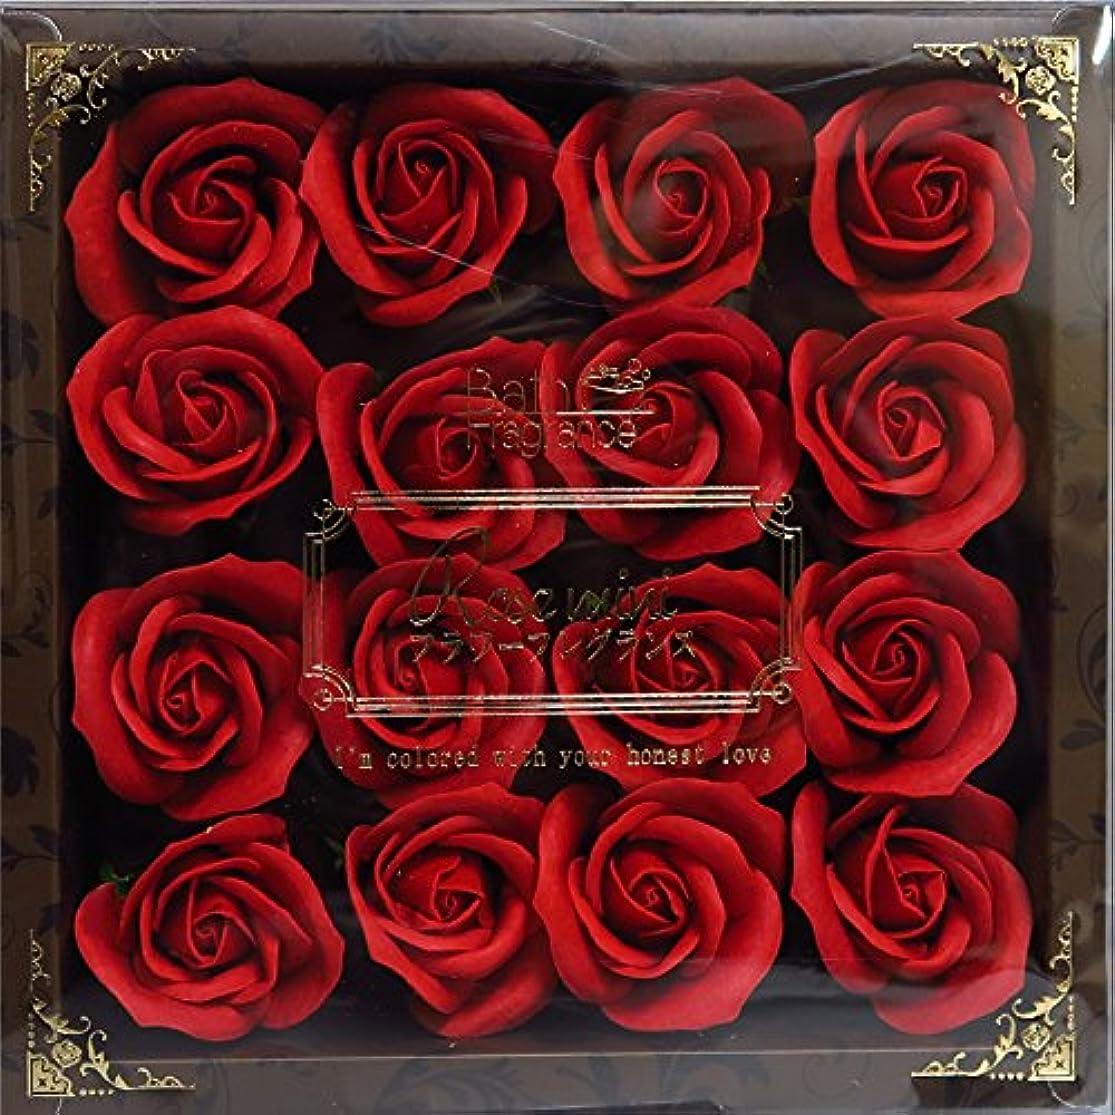 つづりやさしい世界記録のギネスブックバスフレグランス バスフラワー ミニローズフレグランス(M)レッド ギフト お花の形の入浴剤 プレゼント ばら